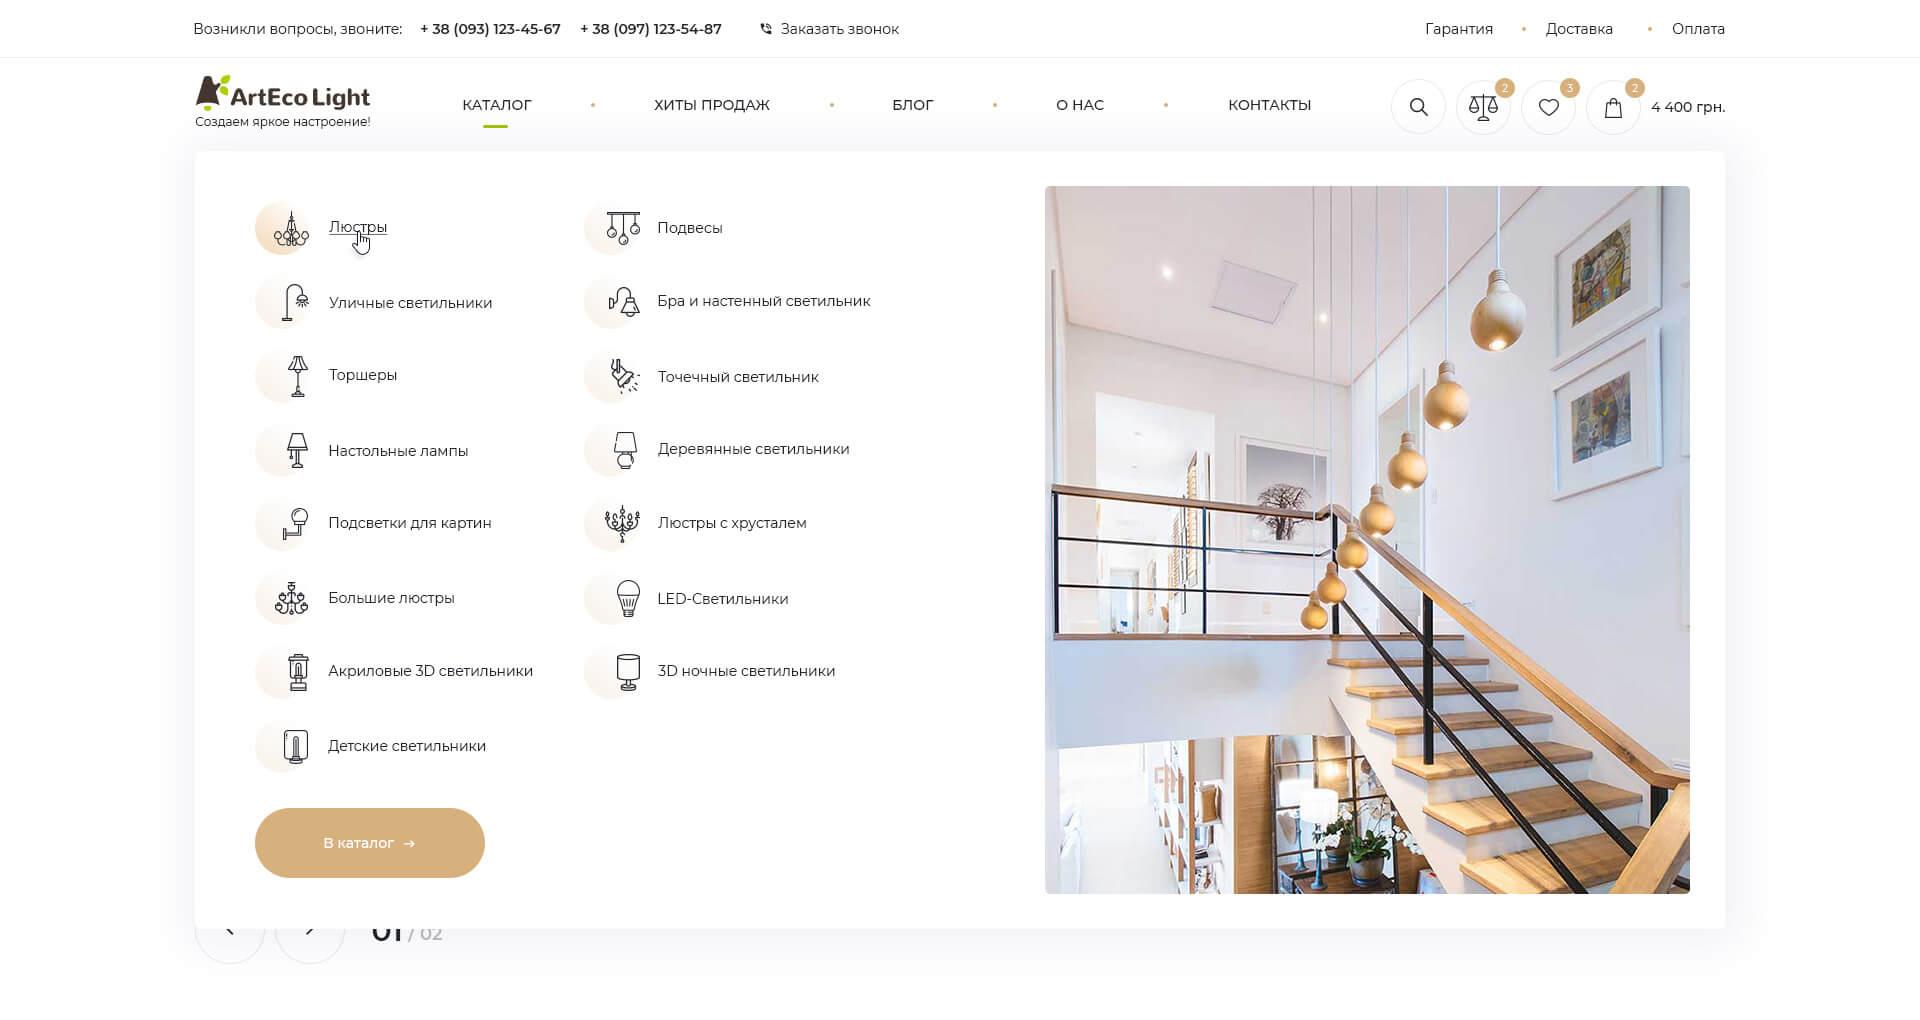 ArtEco_Light_01_Home_menu_1.0